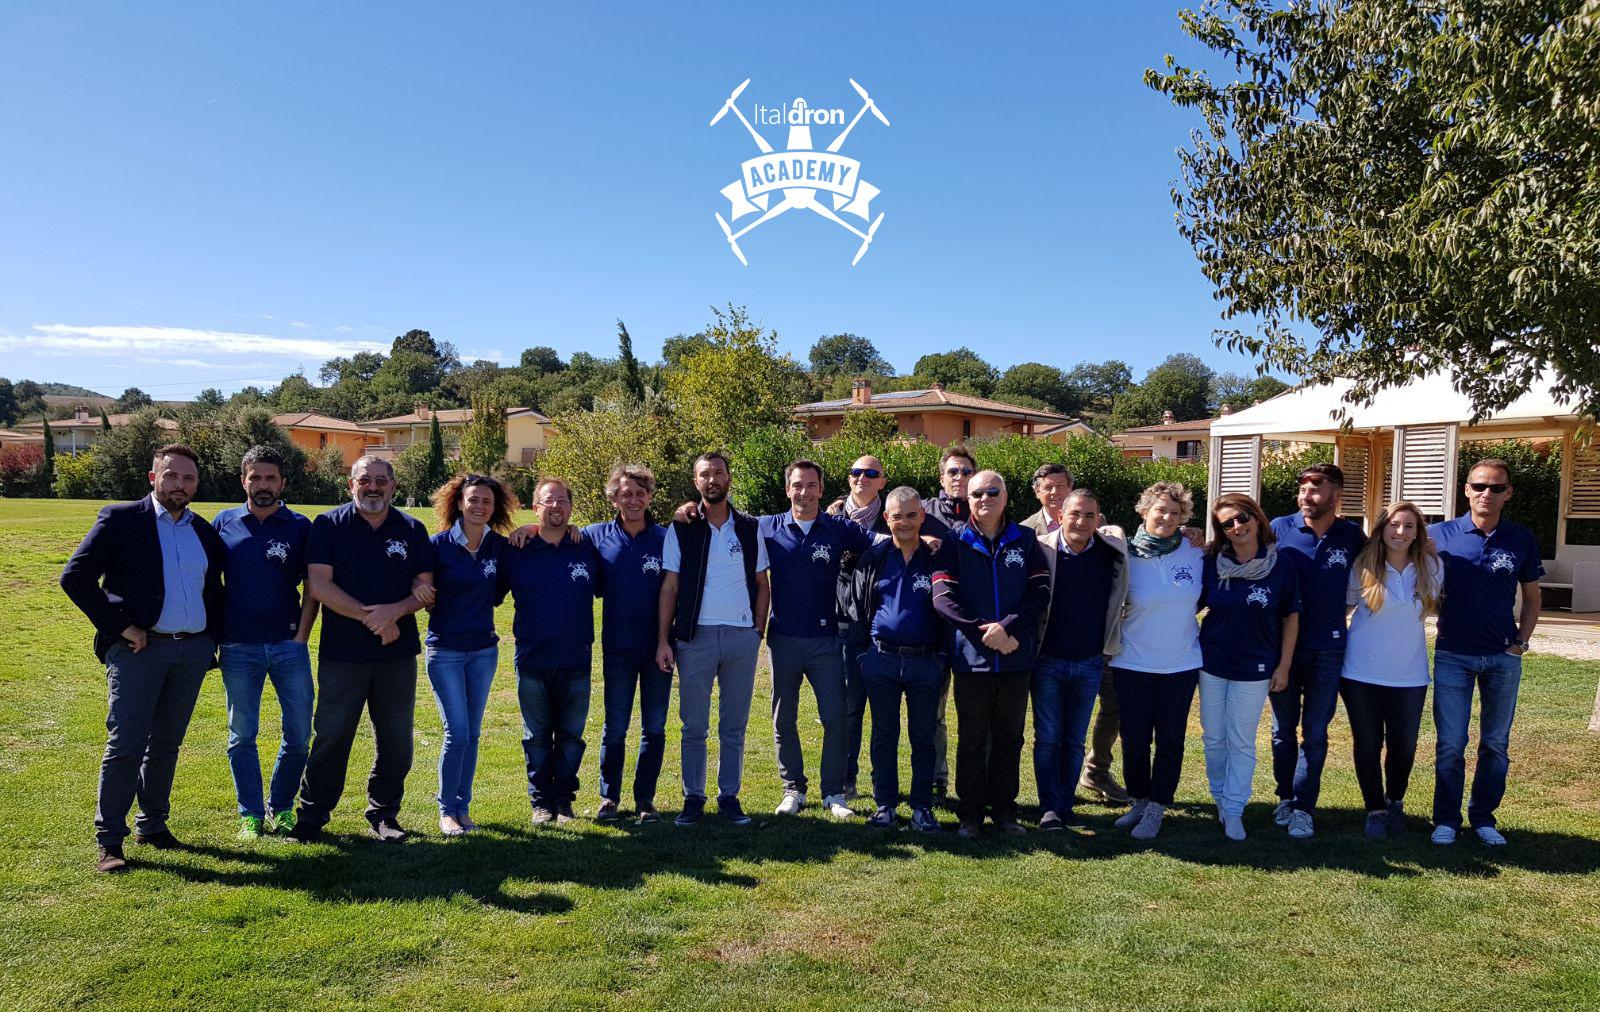 Italdron Academy - Nuova base nel Lazio